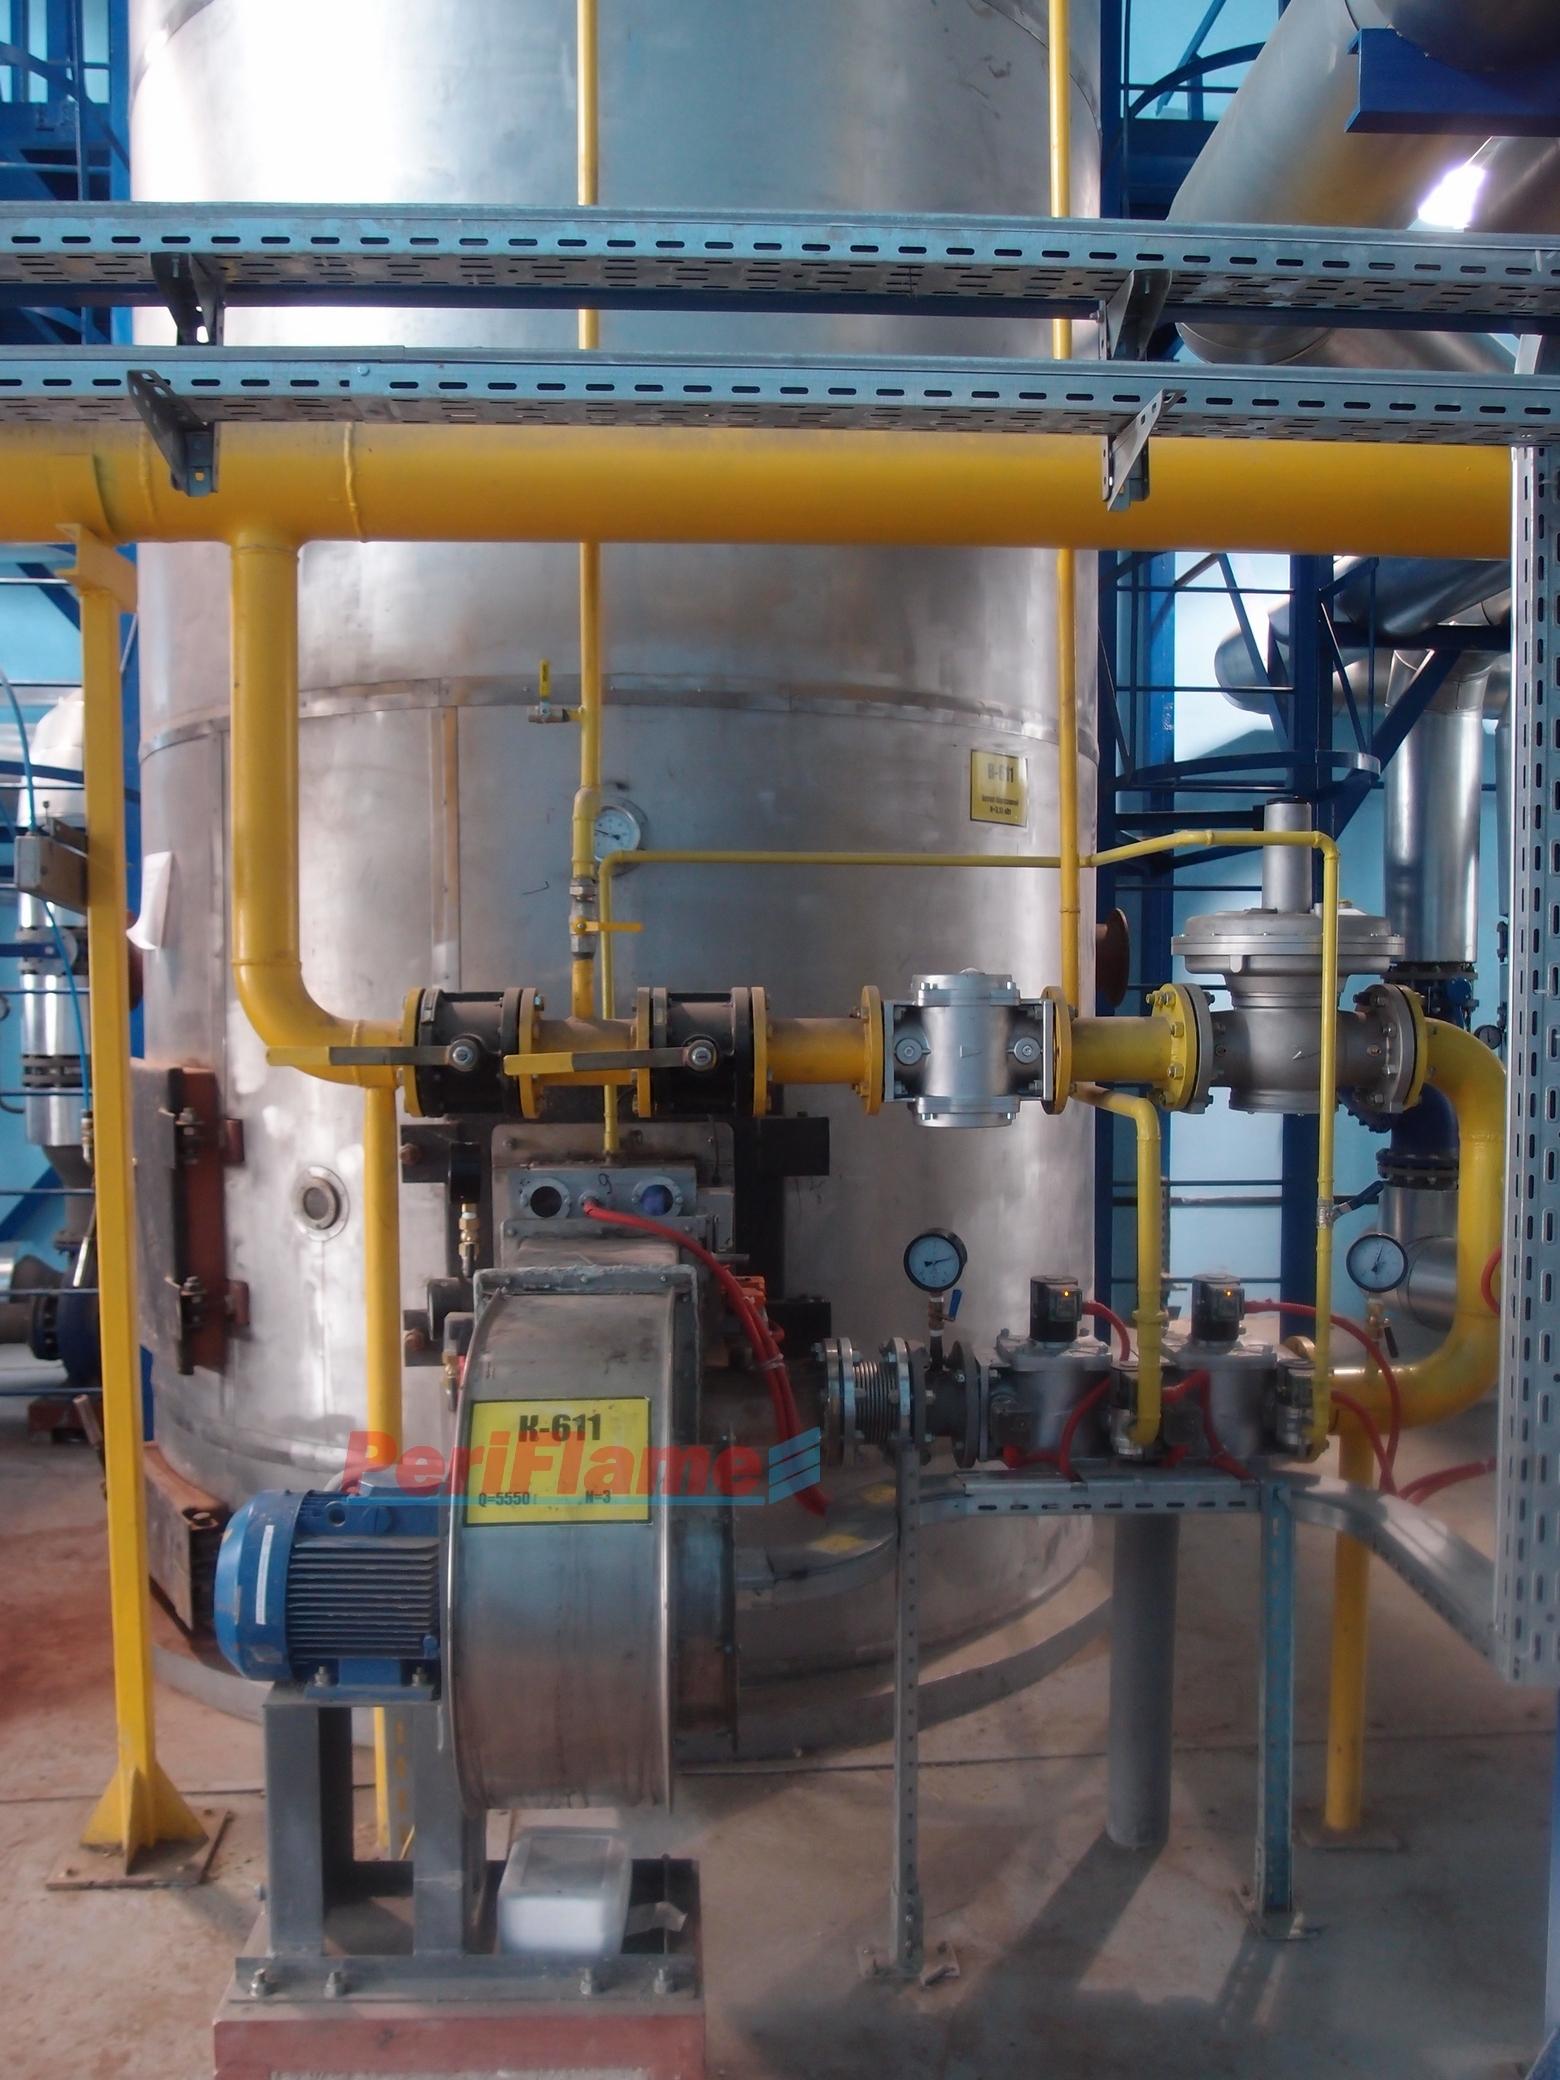 Biogas burner